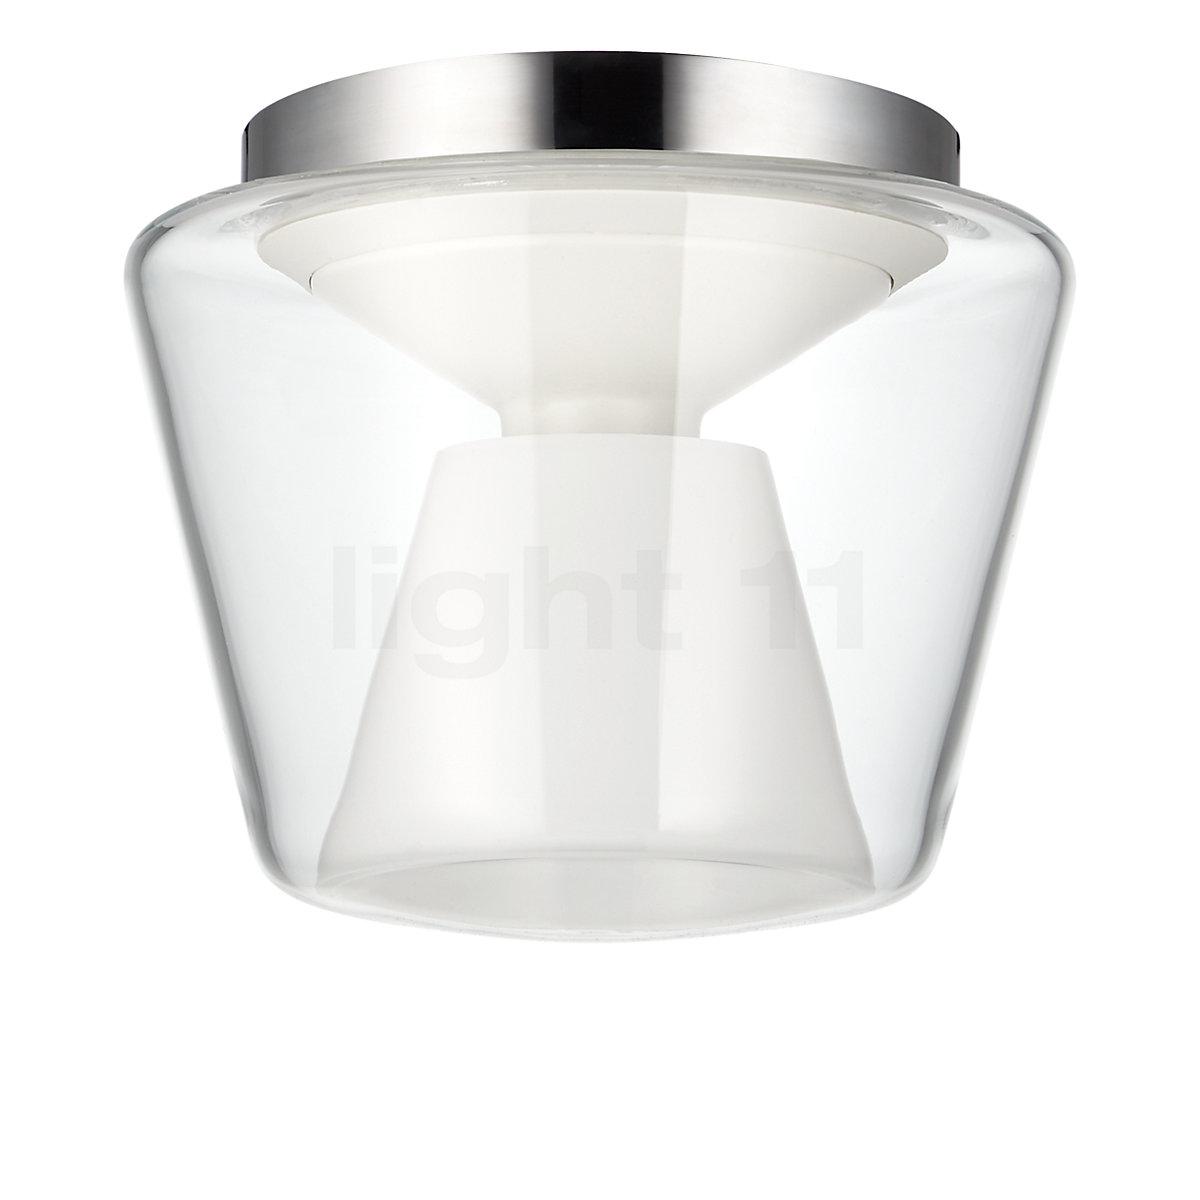 Serien Lighting Annex M 24 W Lampada Da